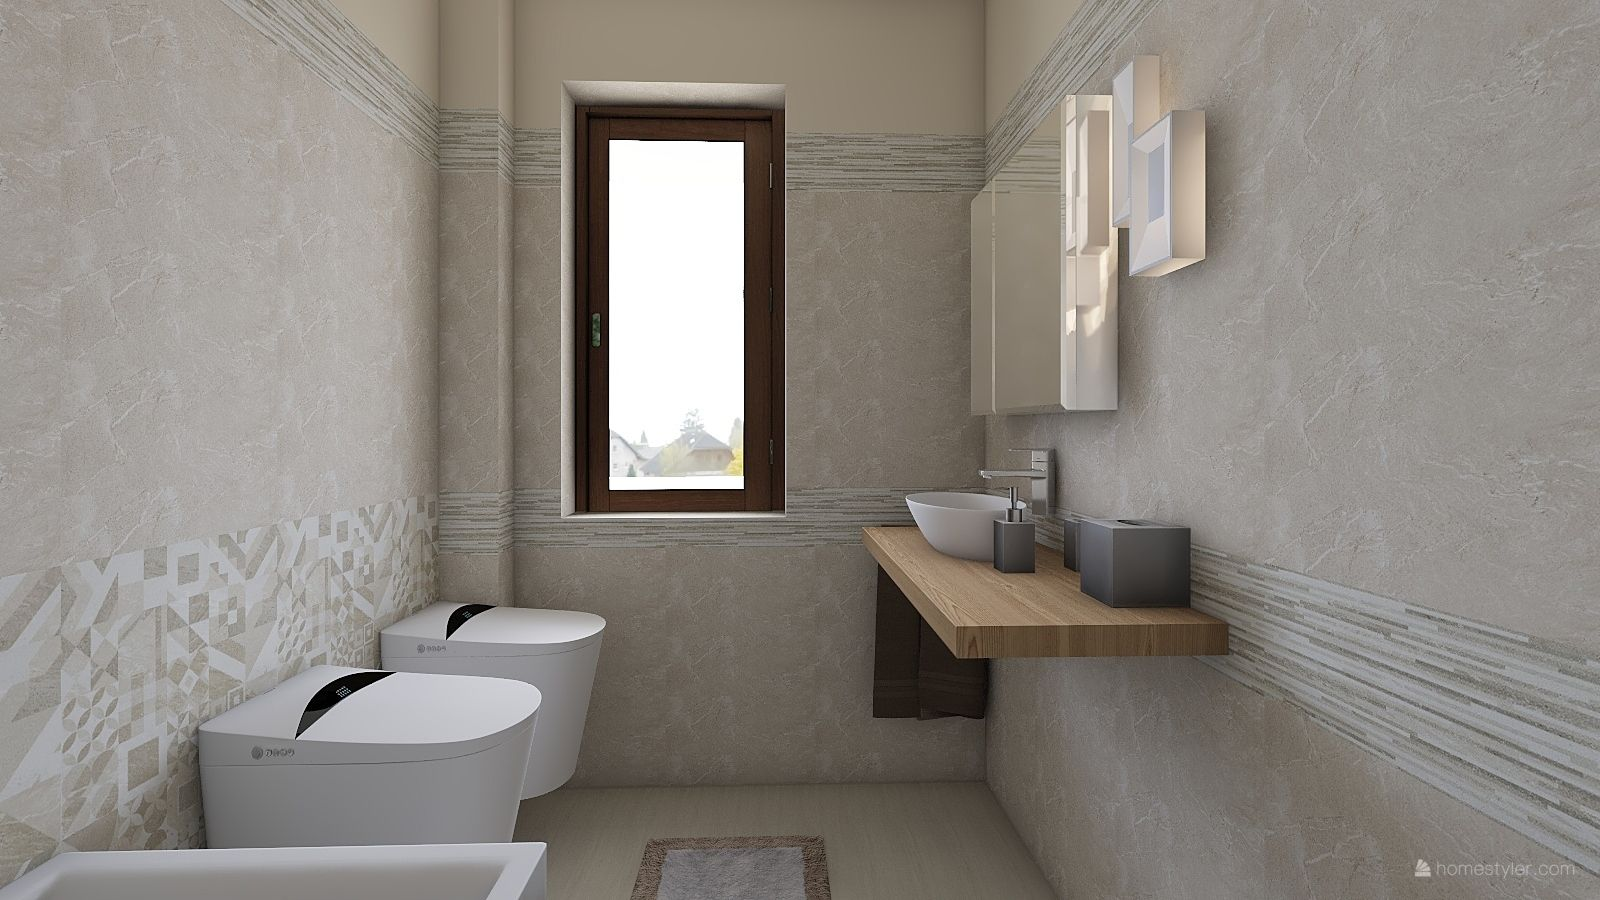 Bathroom Decor By Valentina Grande Bathroom Remodel Designs Interior Design Tools Bathrooms Remodel Bathroom renovation design tool